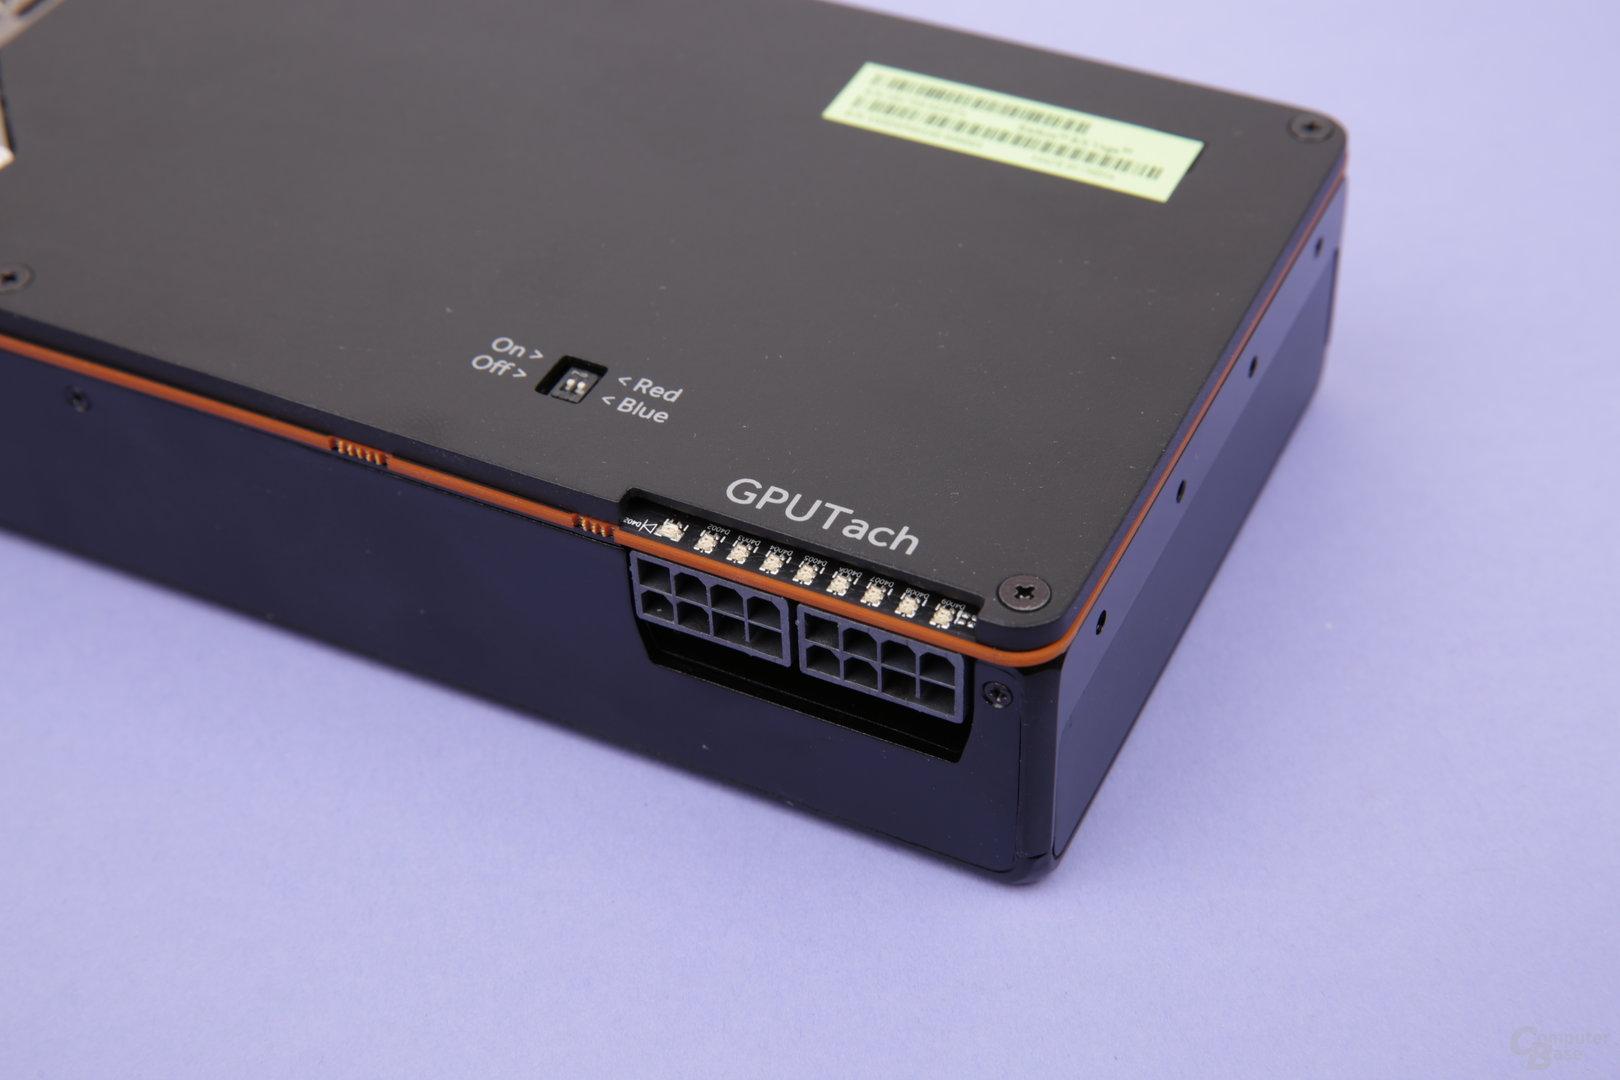 Stromanschlüsse und Auslastungs-LEDs der Radeon RX Vega